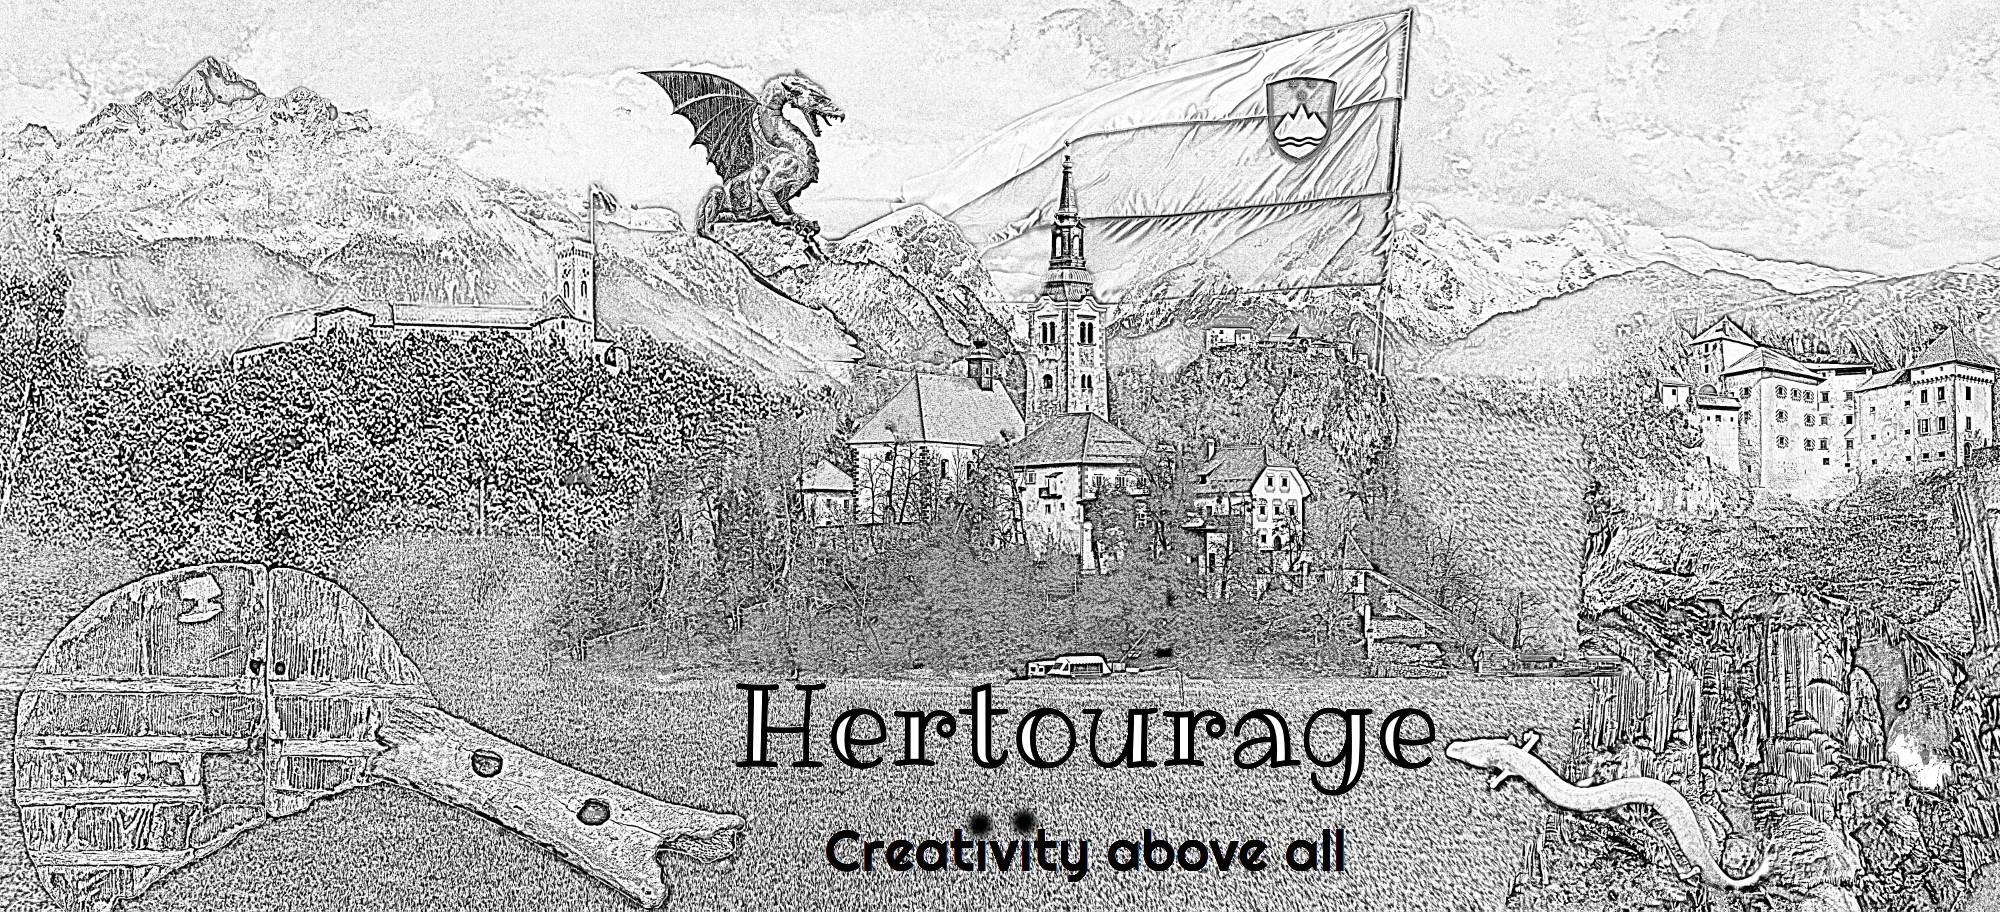 Hertourage